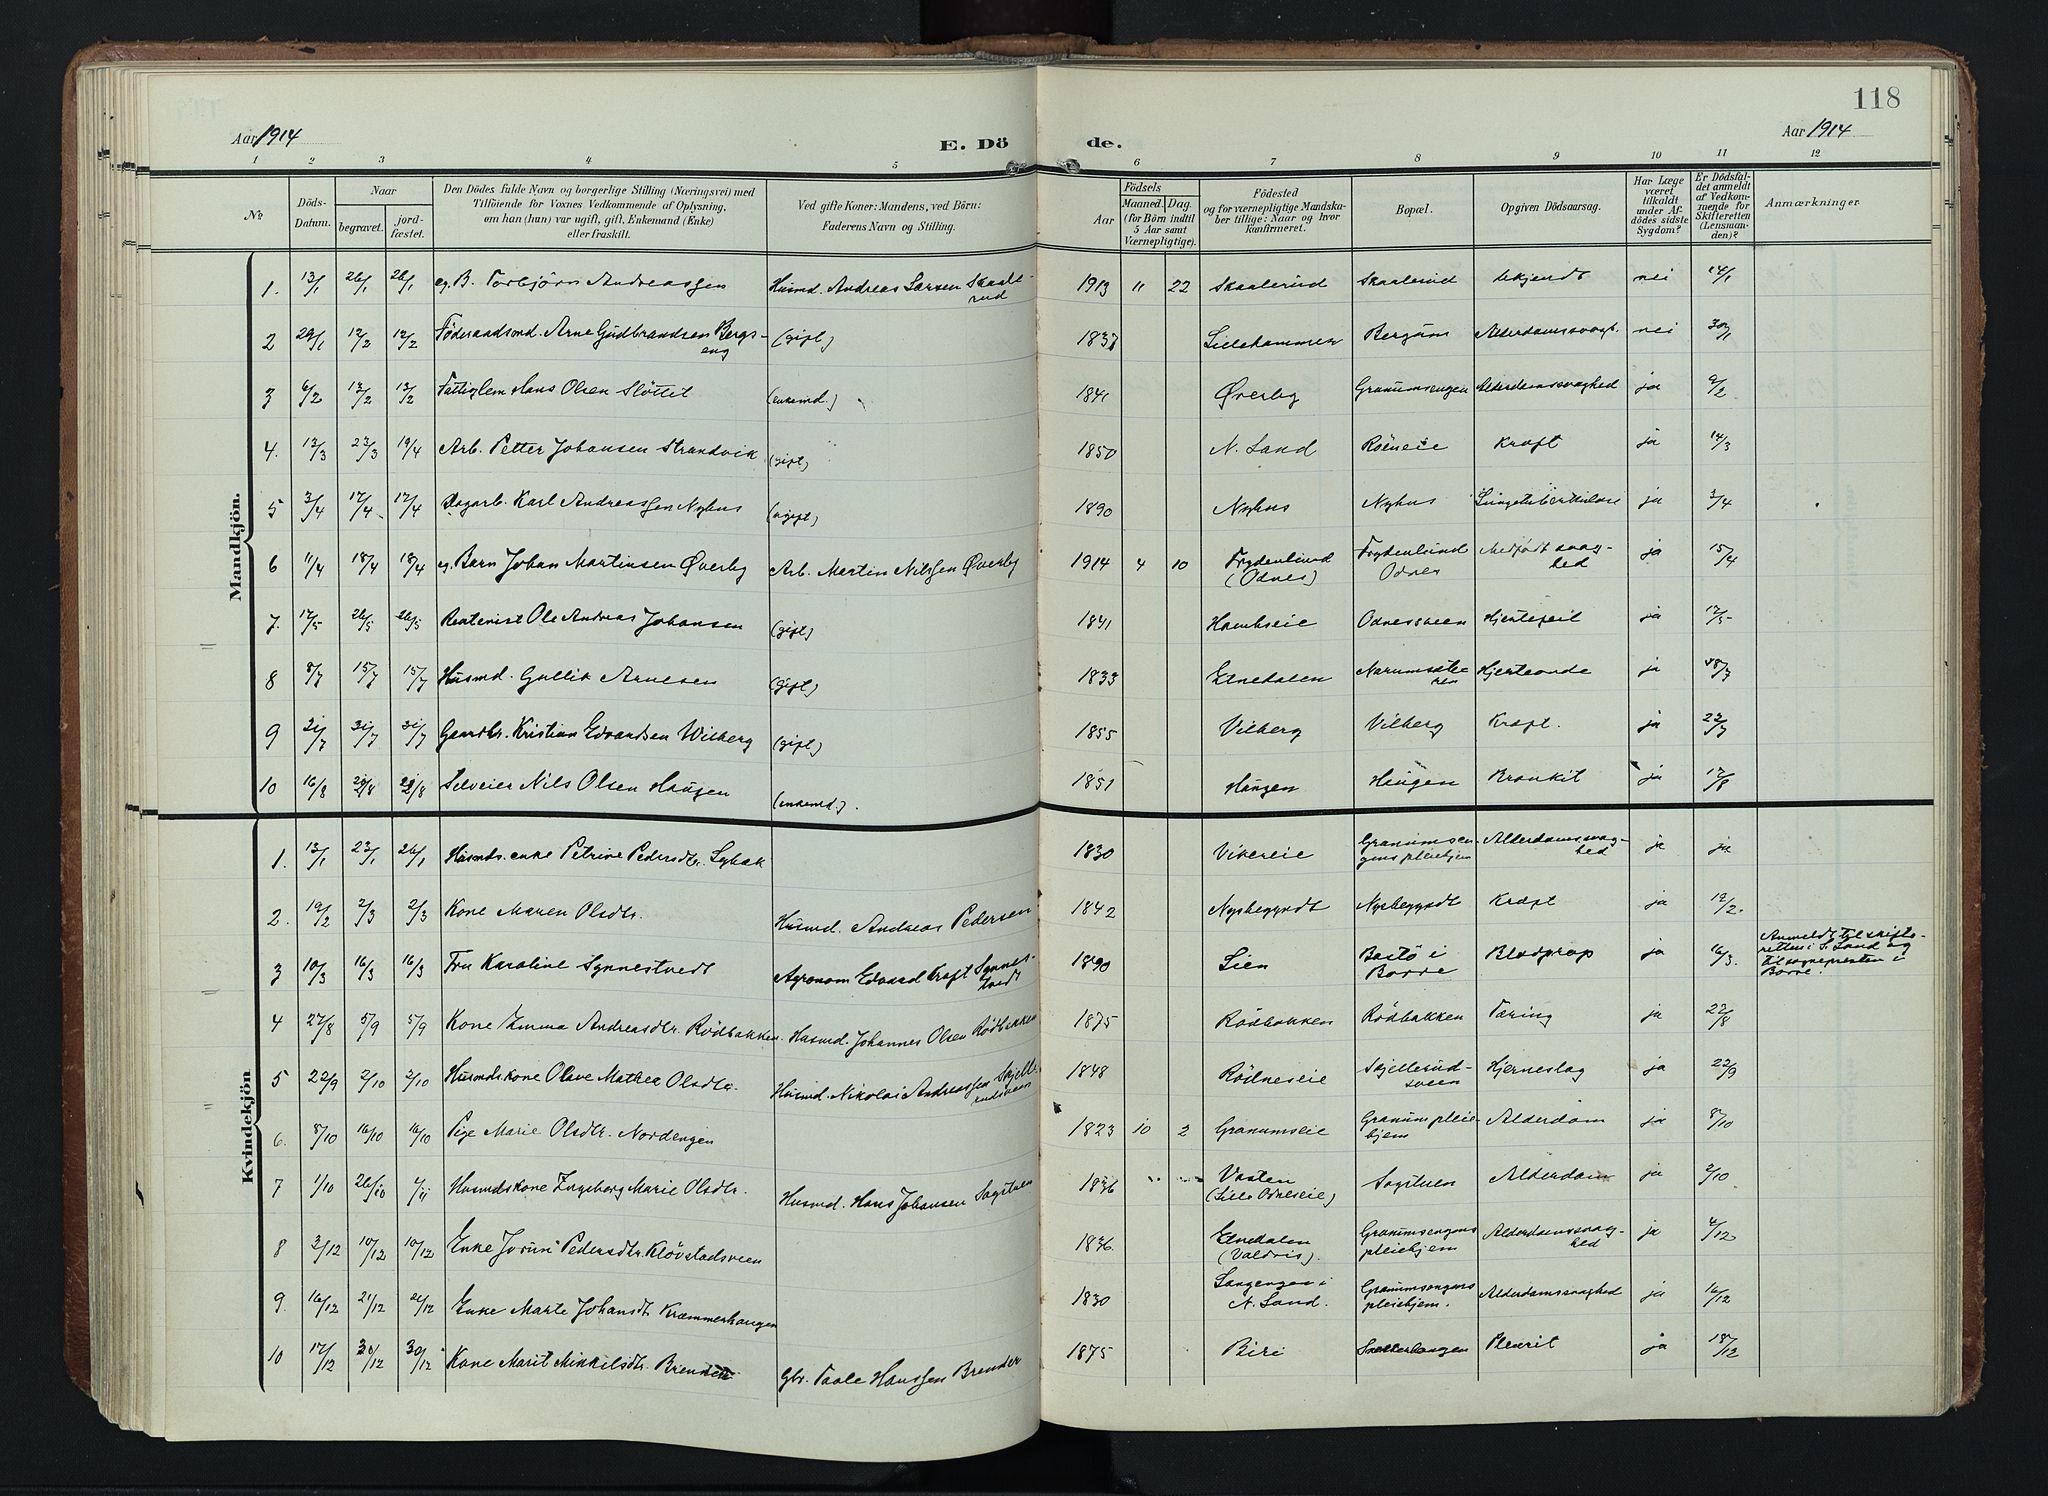 SAH, Søndre Land prestekontor, K/L0005: Ministerialbok nr. 5, 1905-1914, s. 118